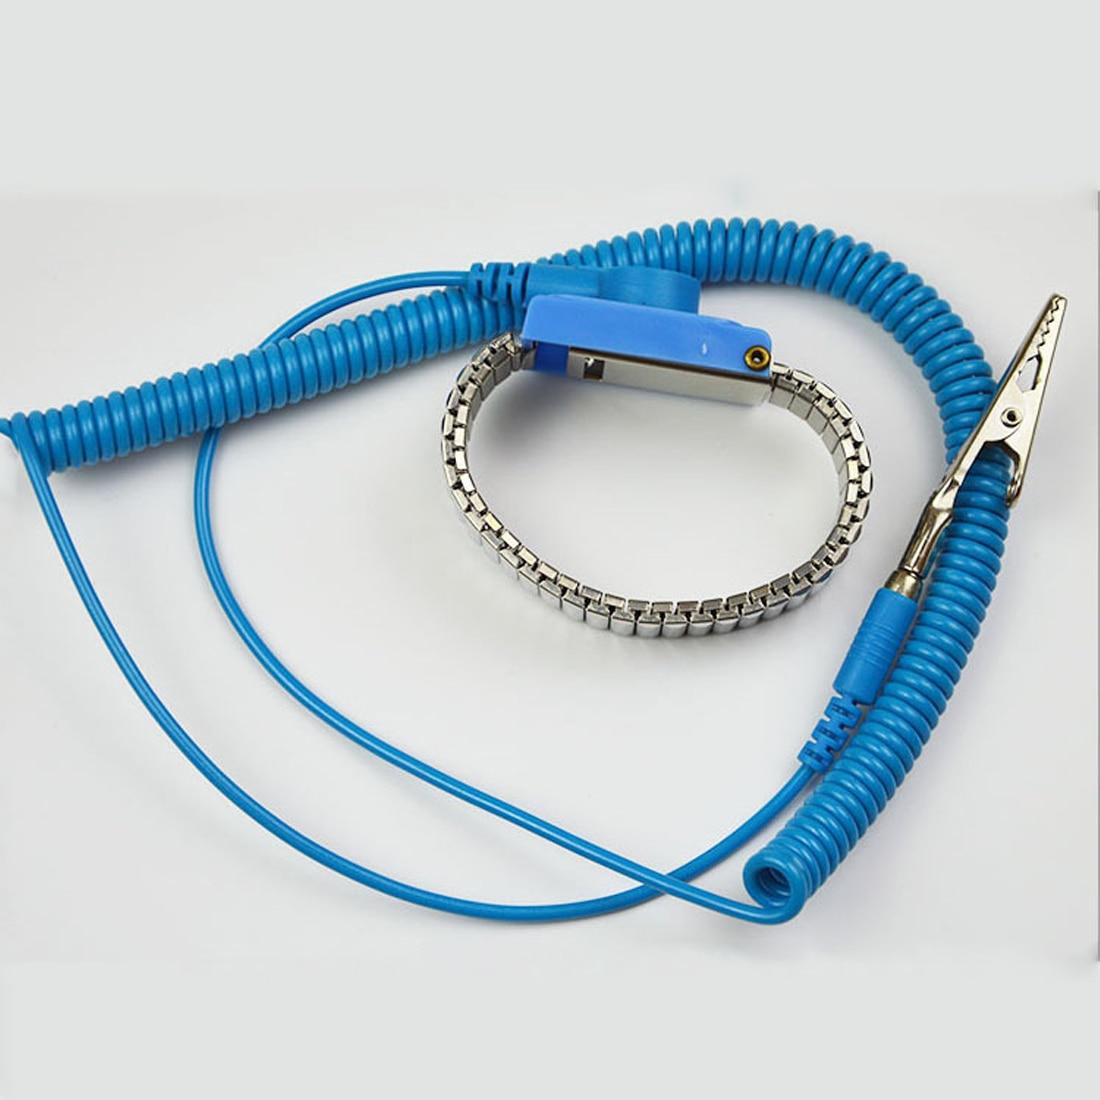 Антистатический ремешок эластичный ремешок с зажимом для чувствительной электроники ремонтные работы инструменты